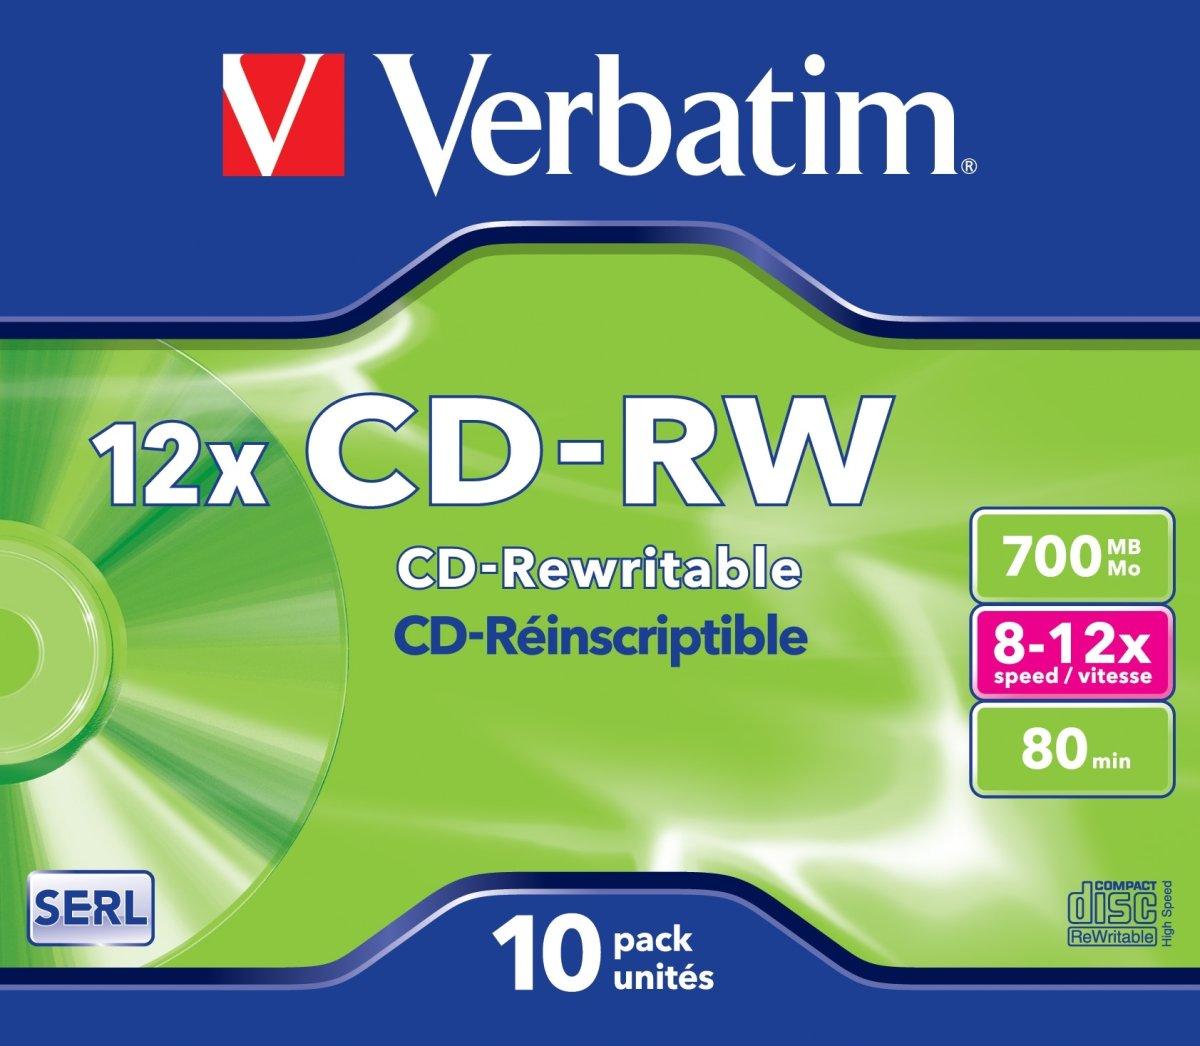 Verbatim CD-RW/700MB Jewel Case, 10 stk